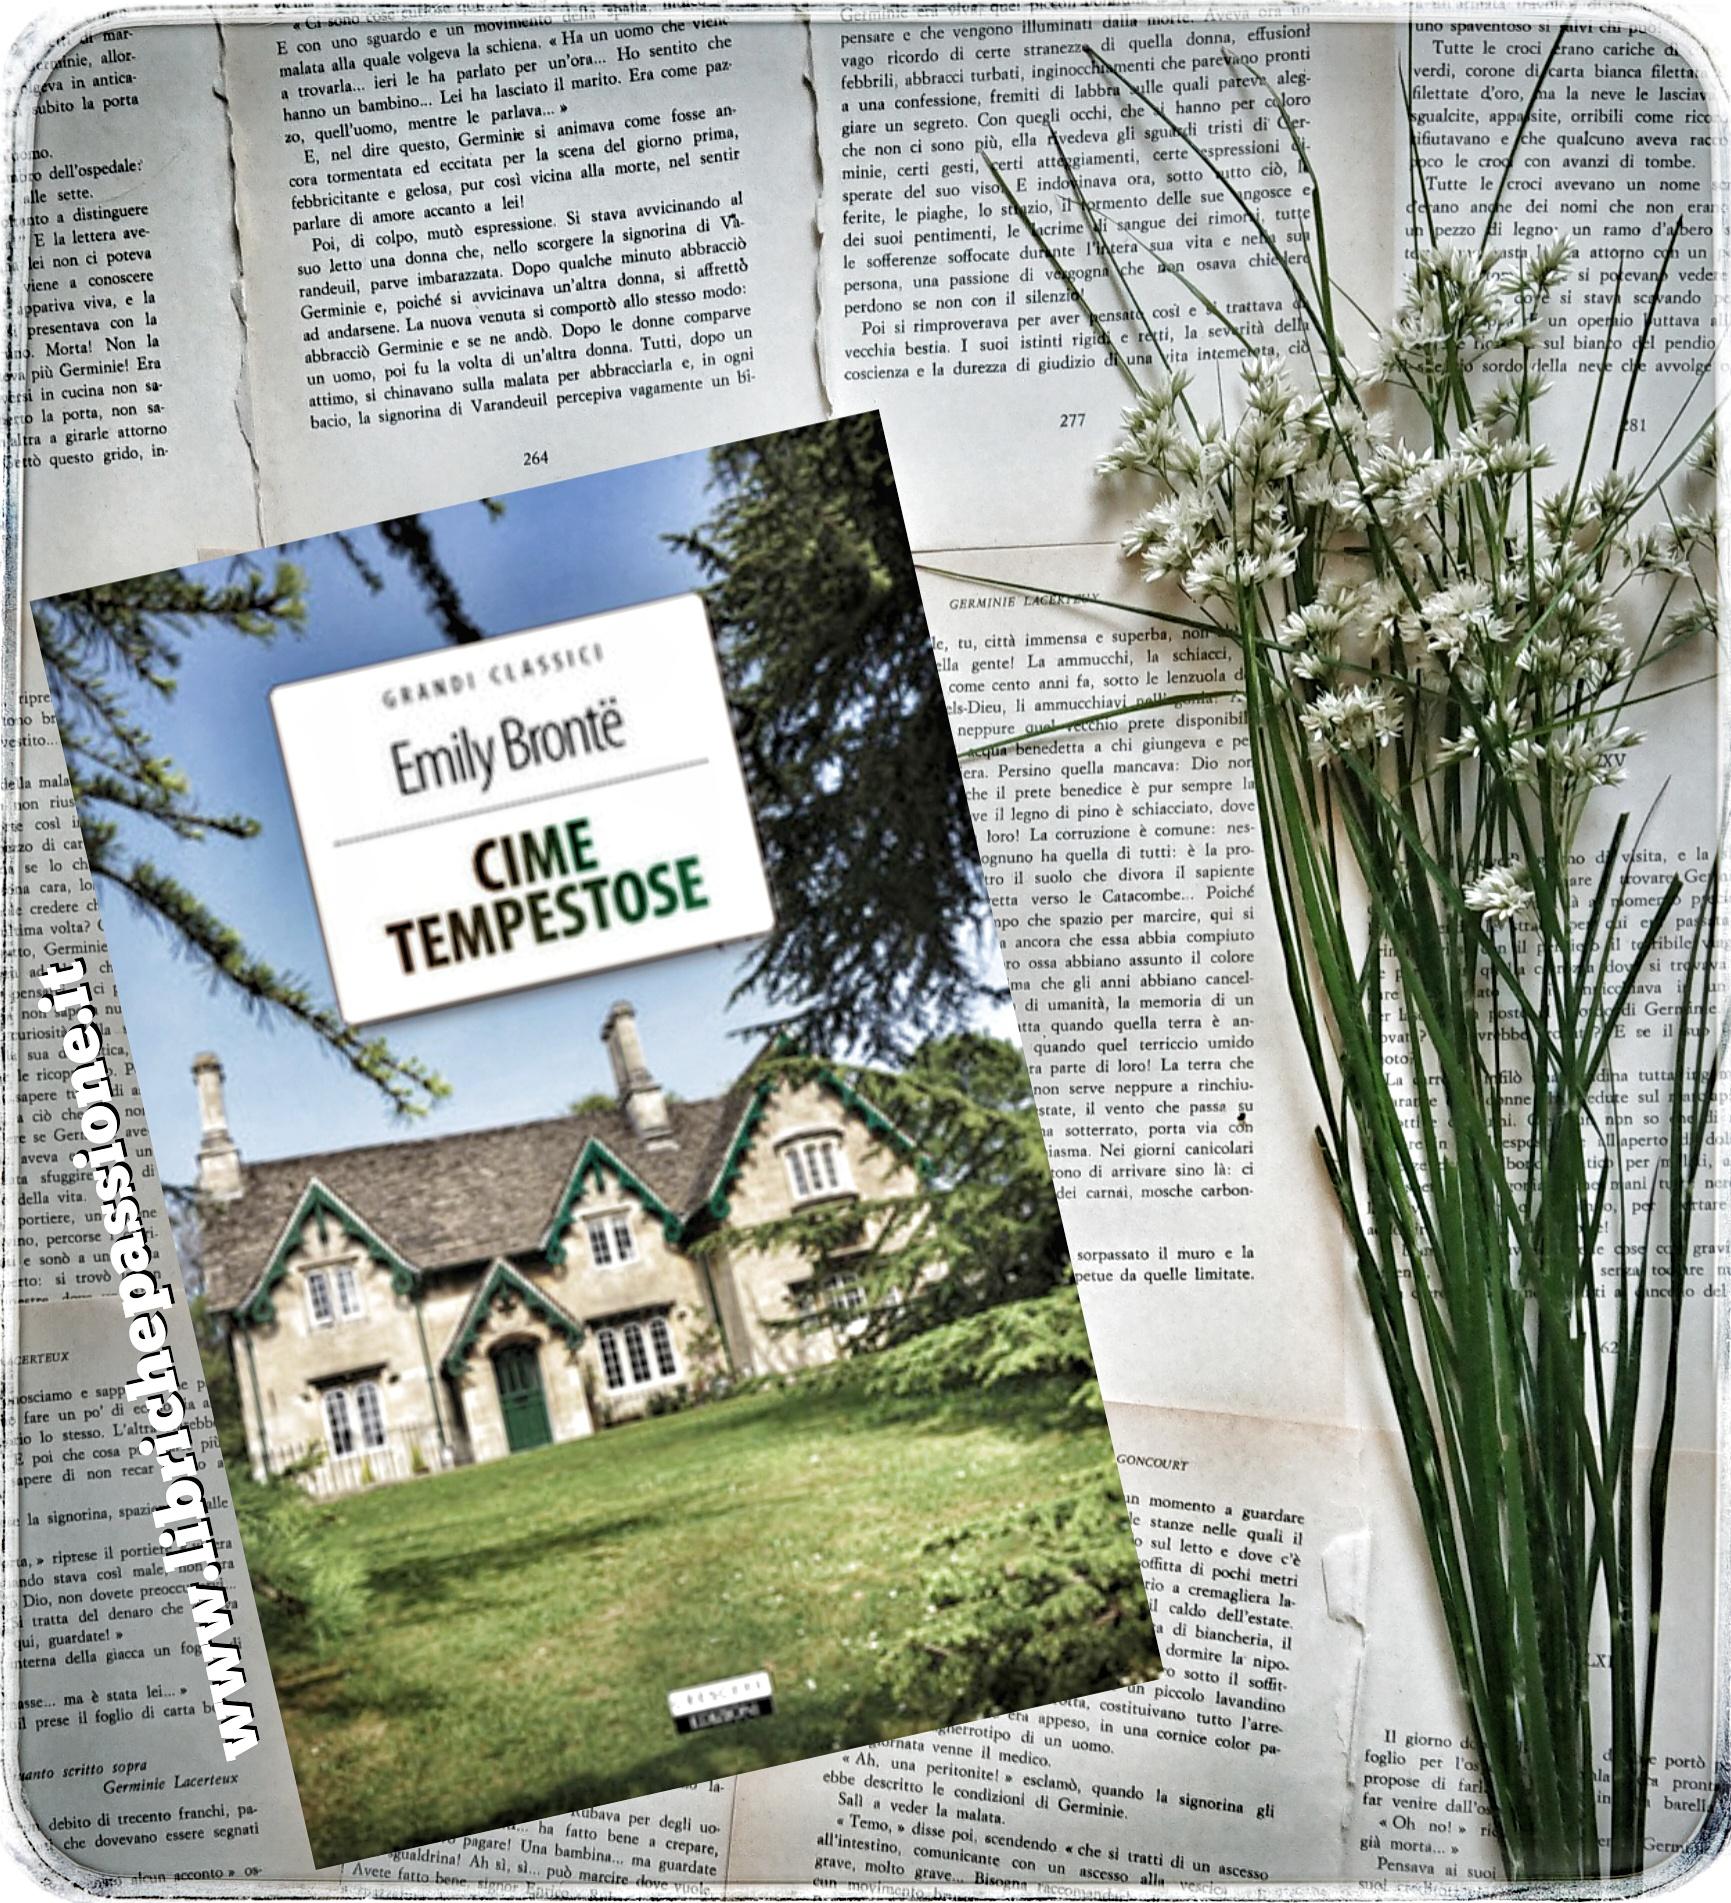 """Recensione del romanzo """"CIME TEMPESTOSE"""" di Emily Brontë edito da Crescere edizioni"""